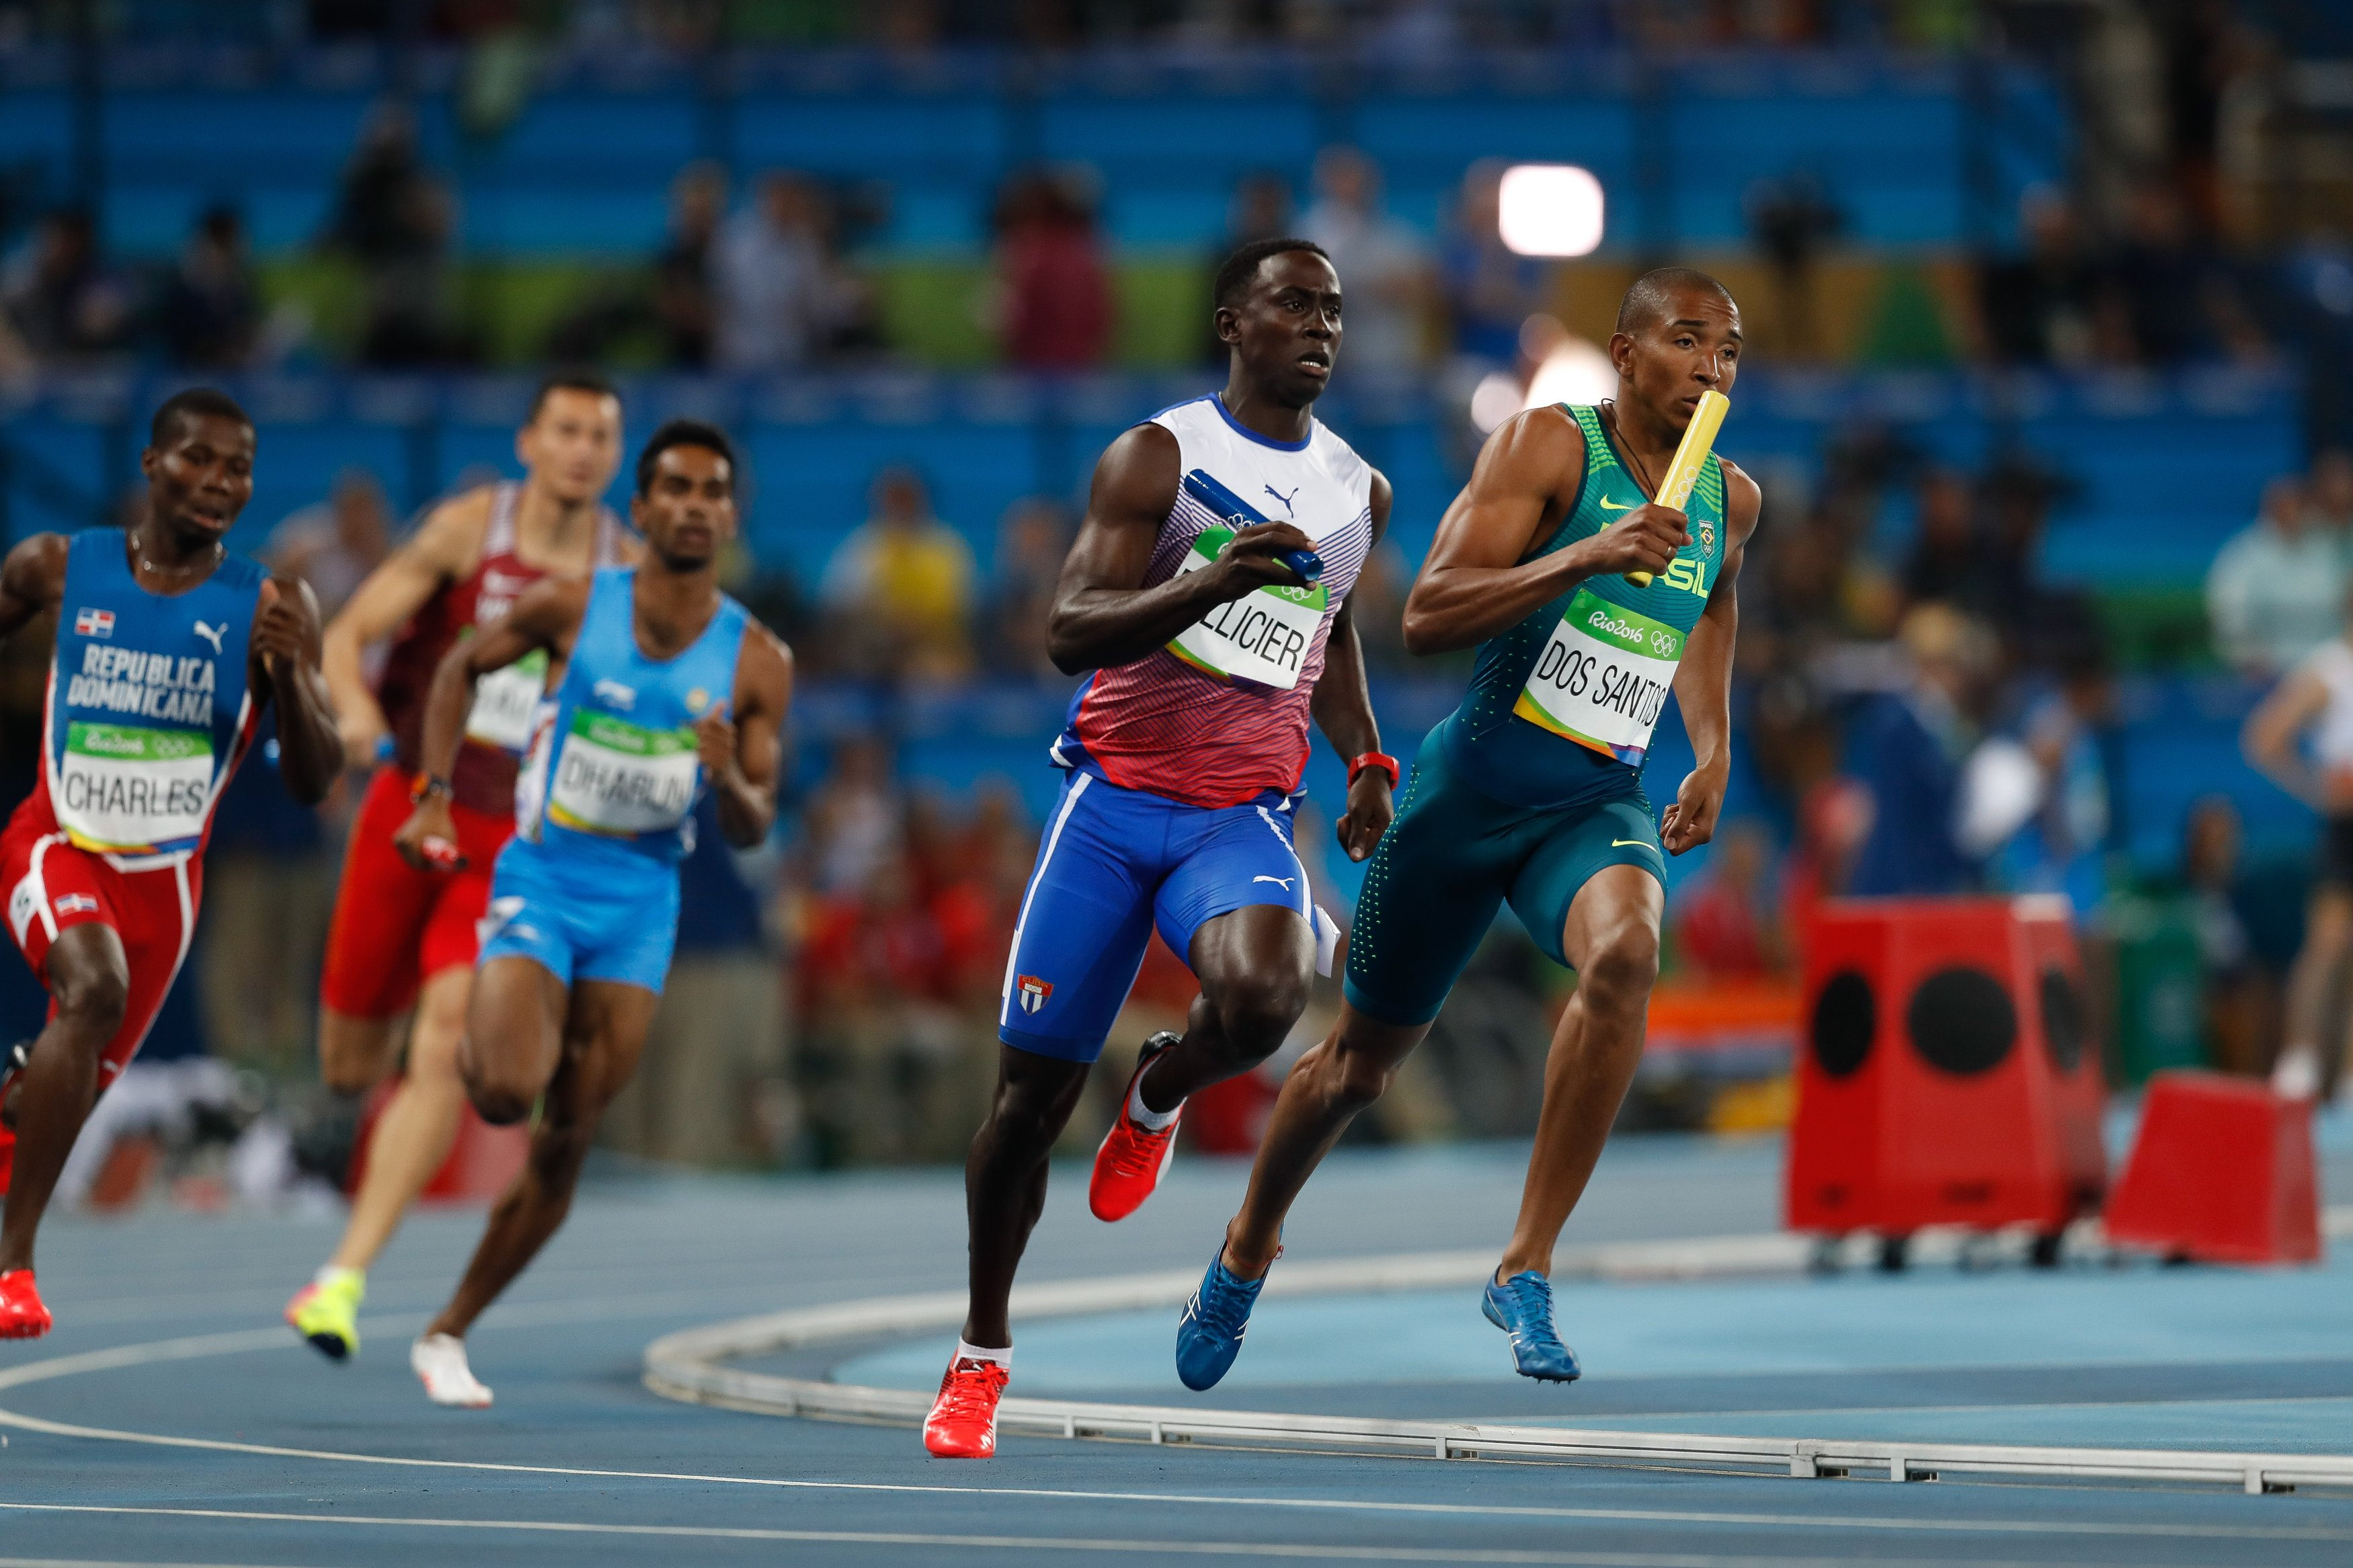 Atletismo: Corrida de pista